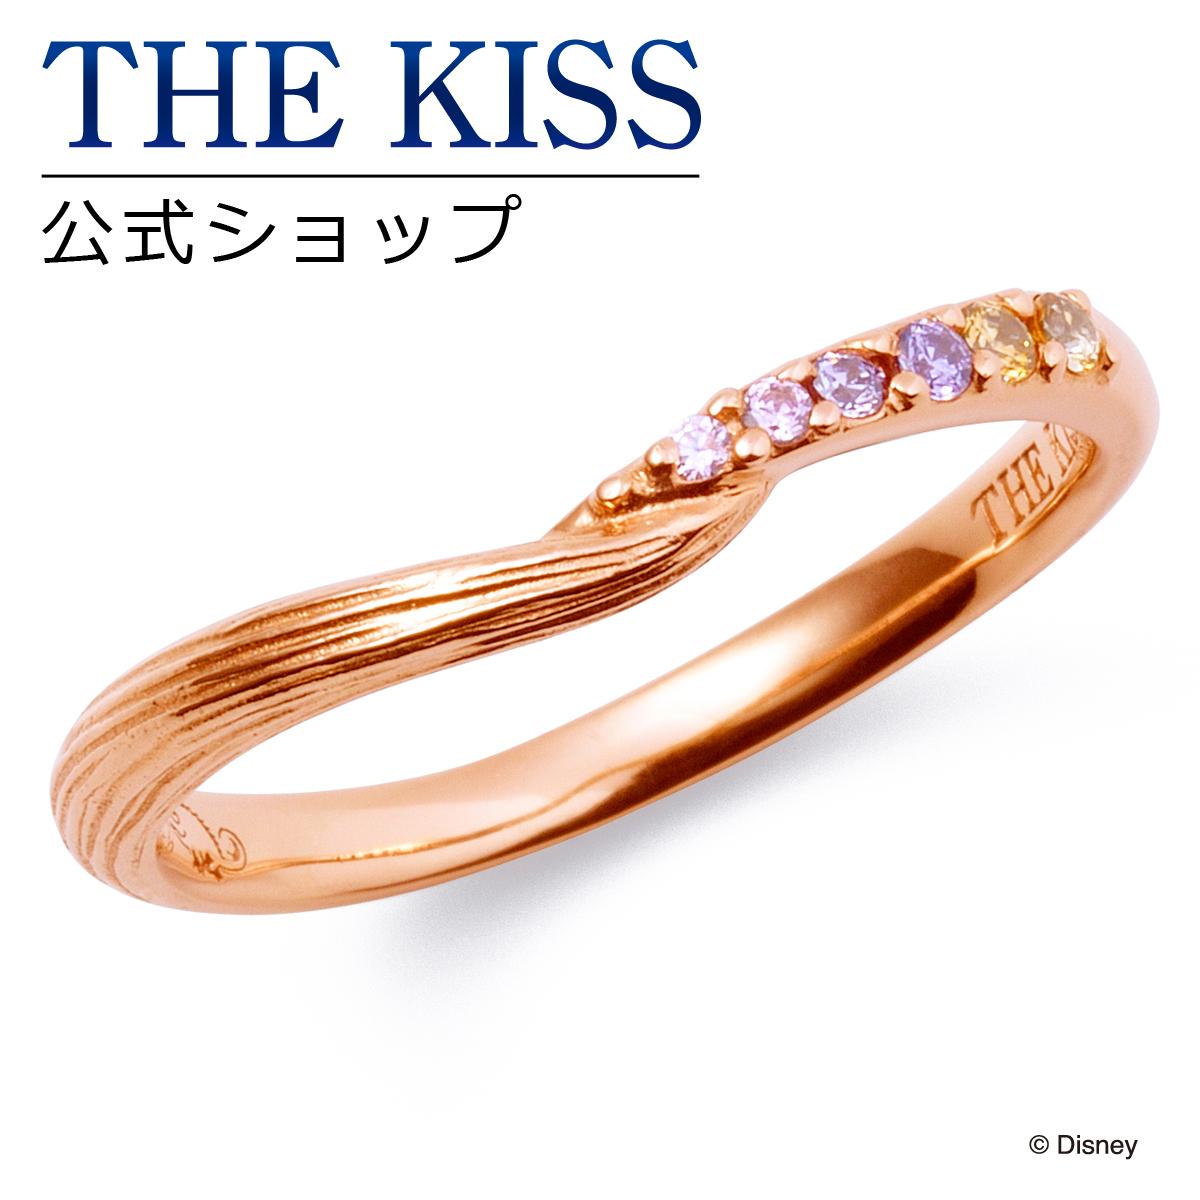 【あす楽対応】【ディズニーコレクション】 ディズニー / ペアリング / ディズニープリンセス ラプンツェル / THE KISS リング・指輪 シルバー (レディース 単品) DI-SR2917CB ザキス 【送料無料】